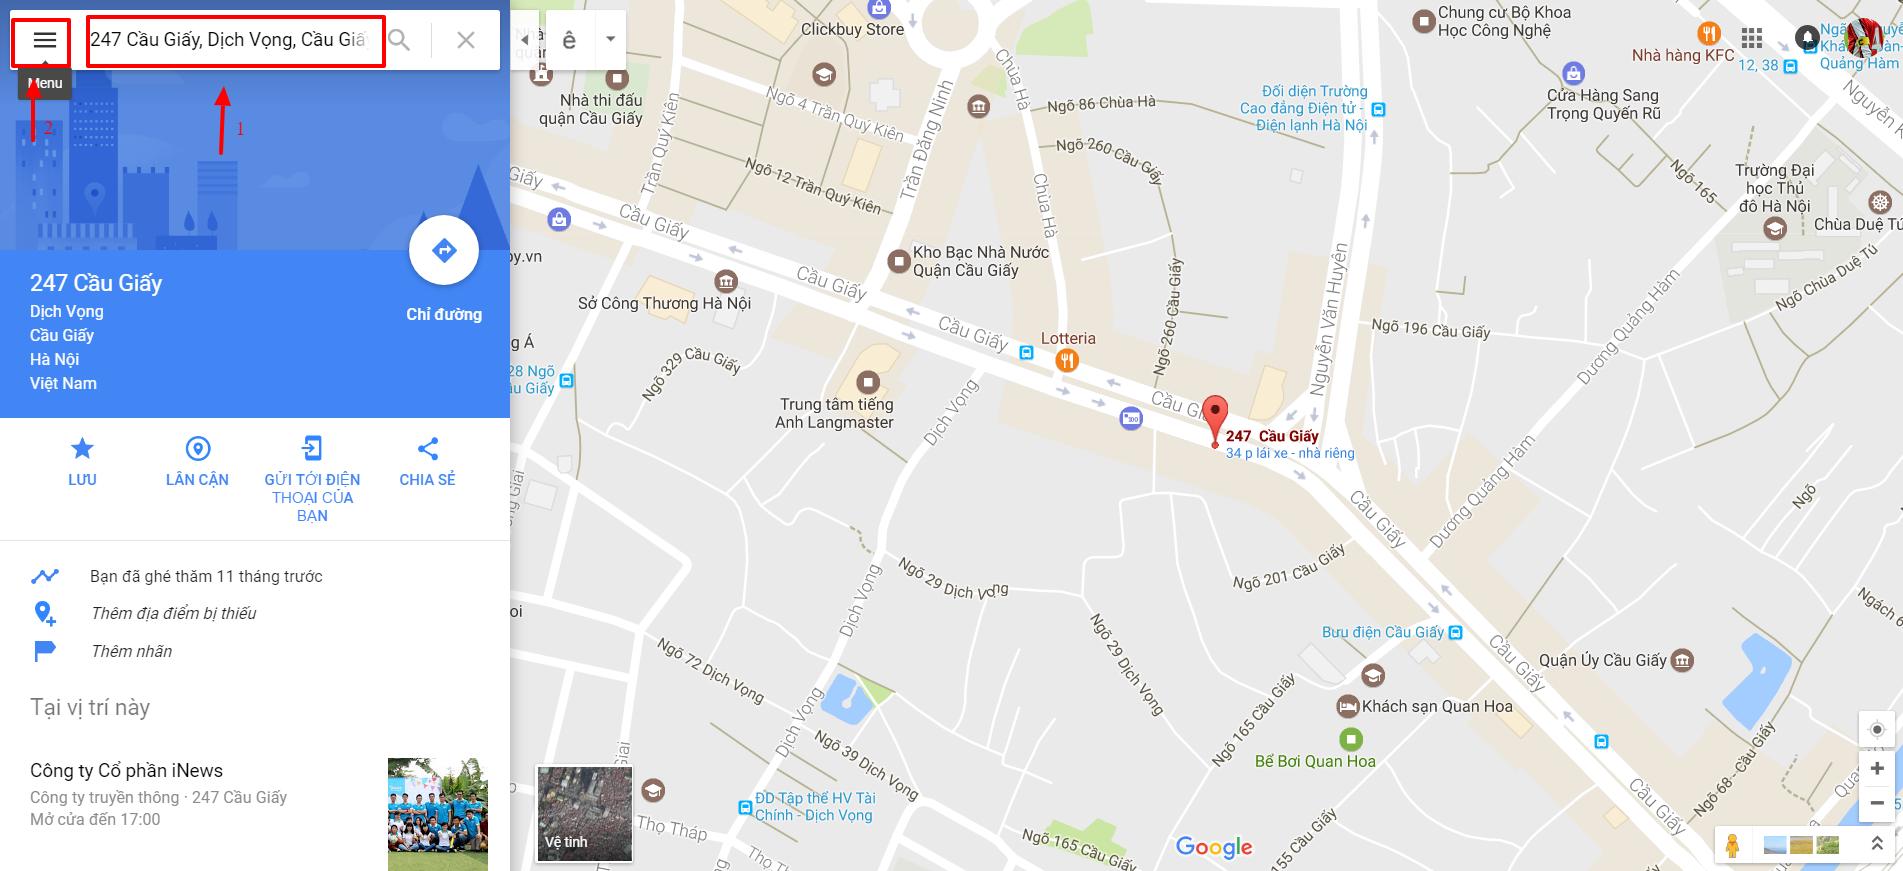 Tọa độ bản đồ